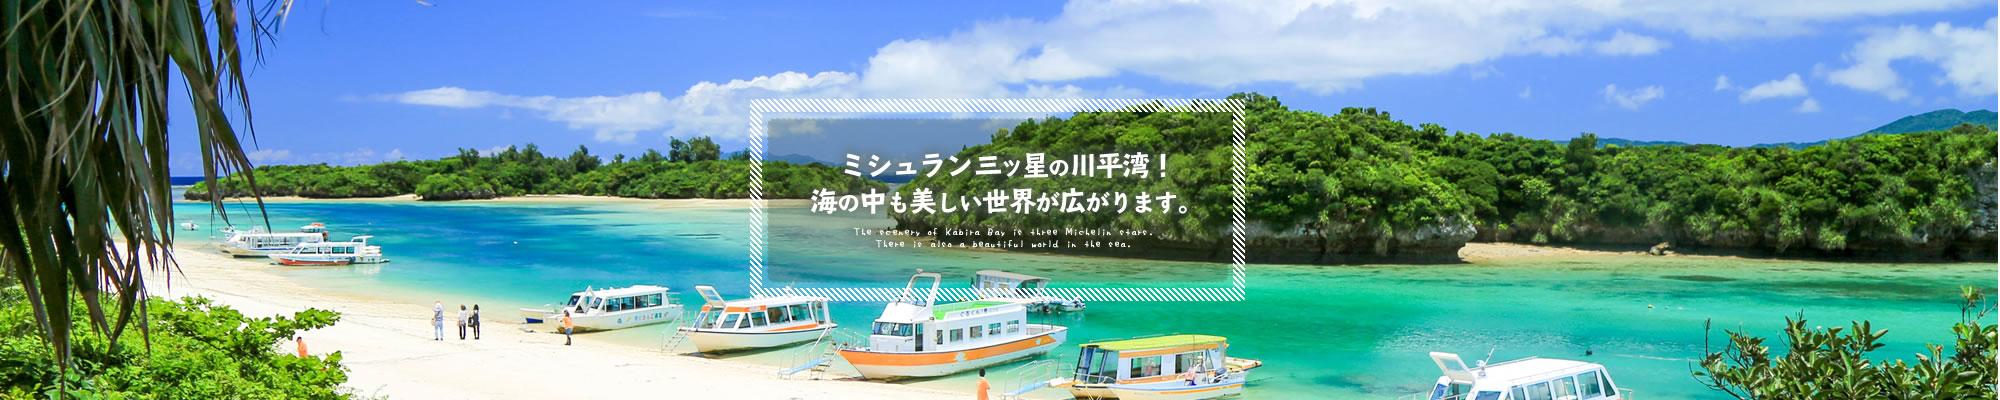 石垣島・川平湾グラスボート遊覧ぐるくん